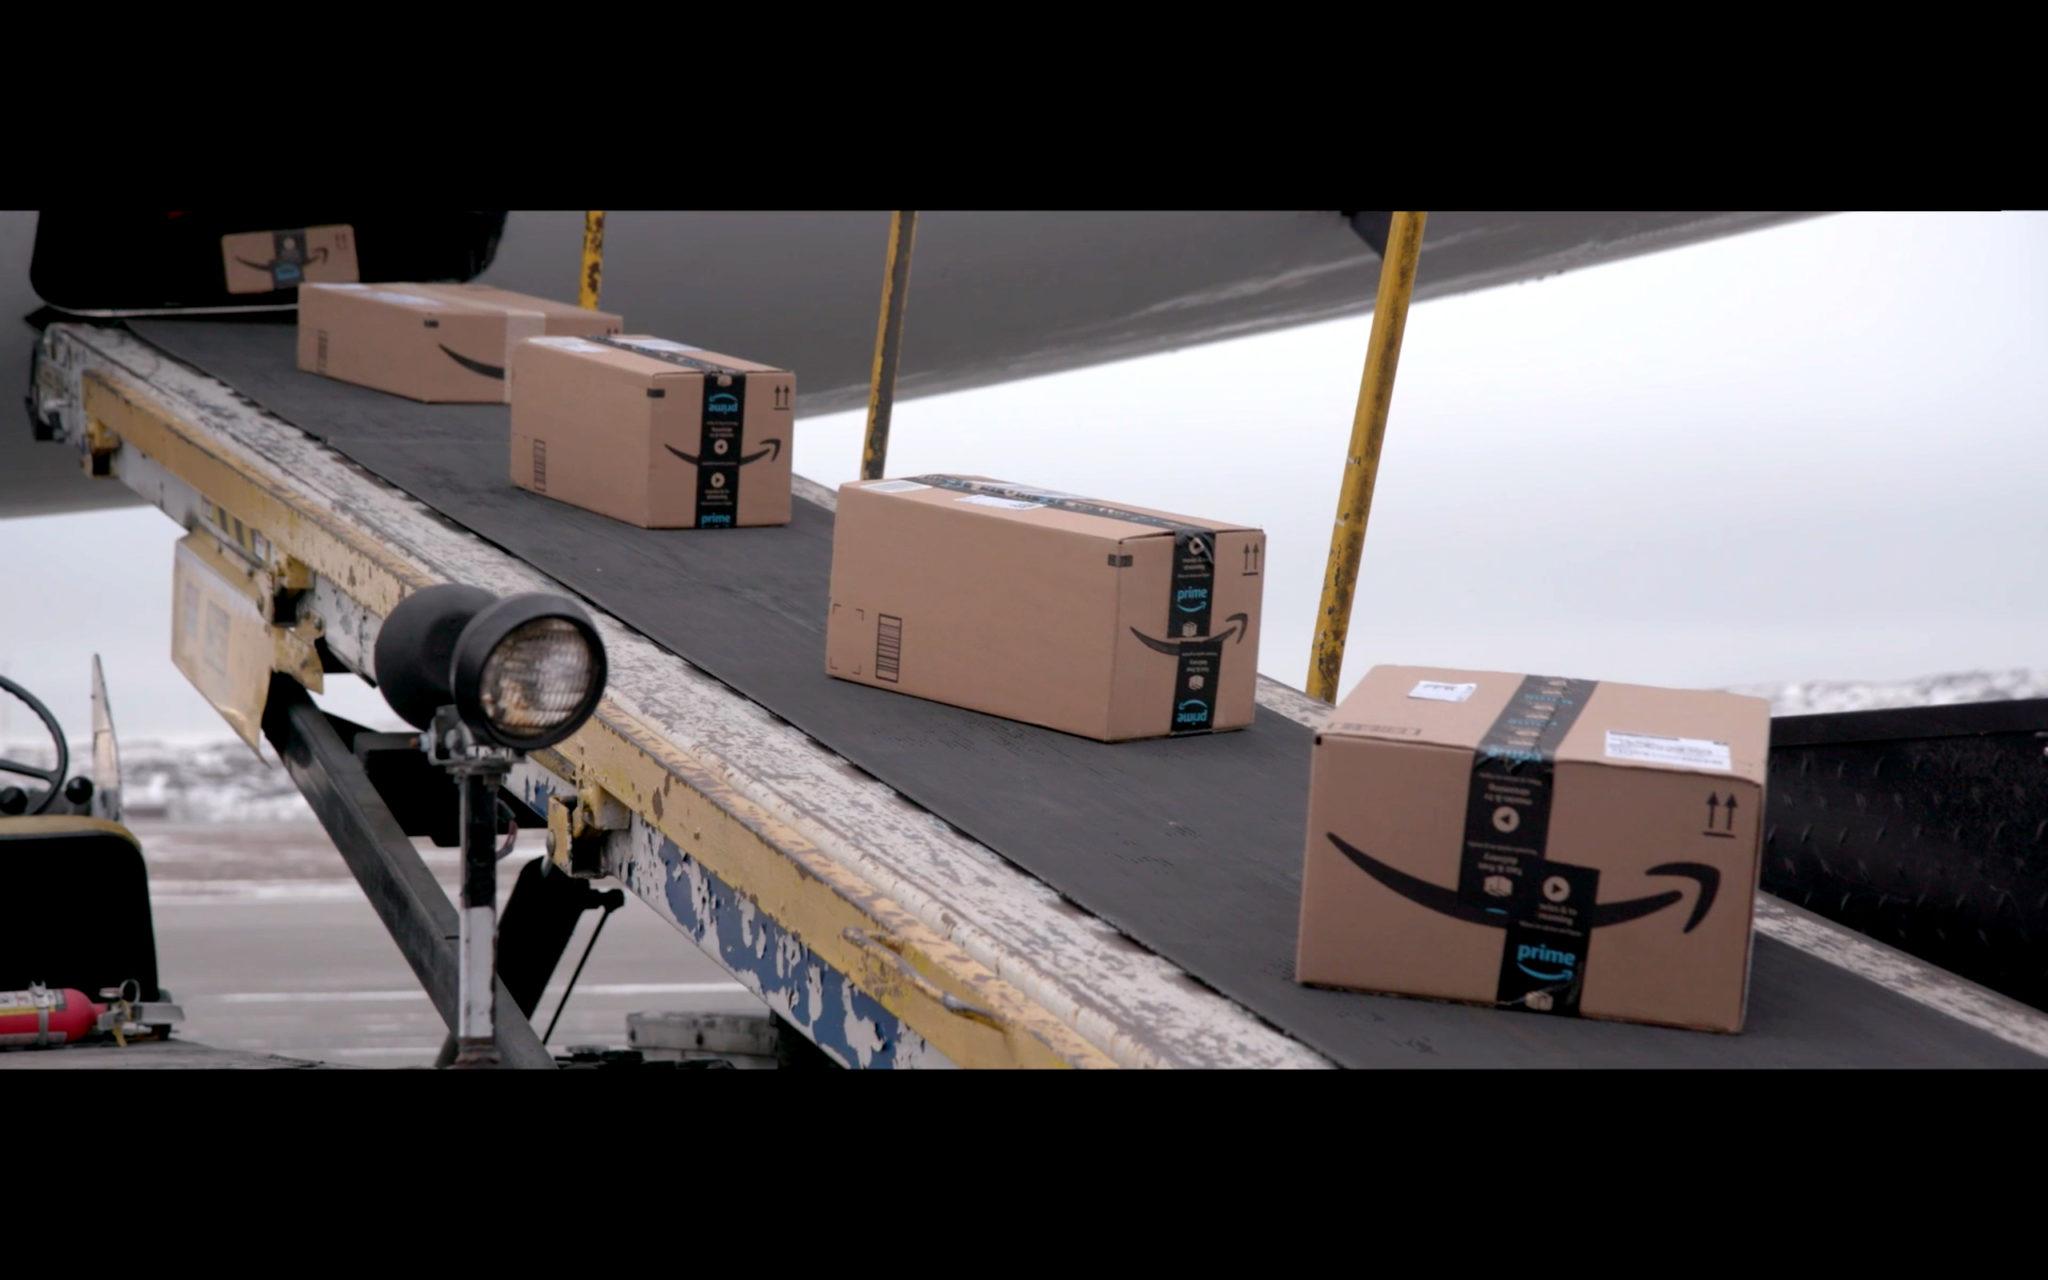 O Mundo Segundo Amazon Odisseia Desvenda Os Segredos Da Amazon